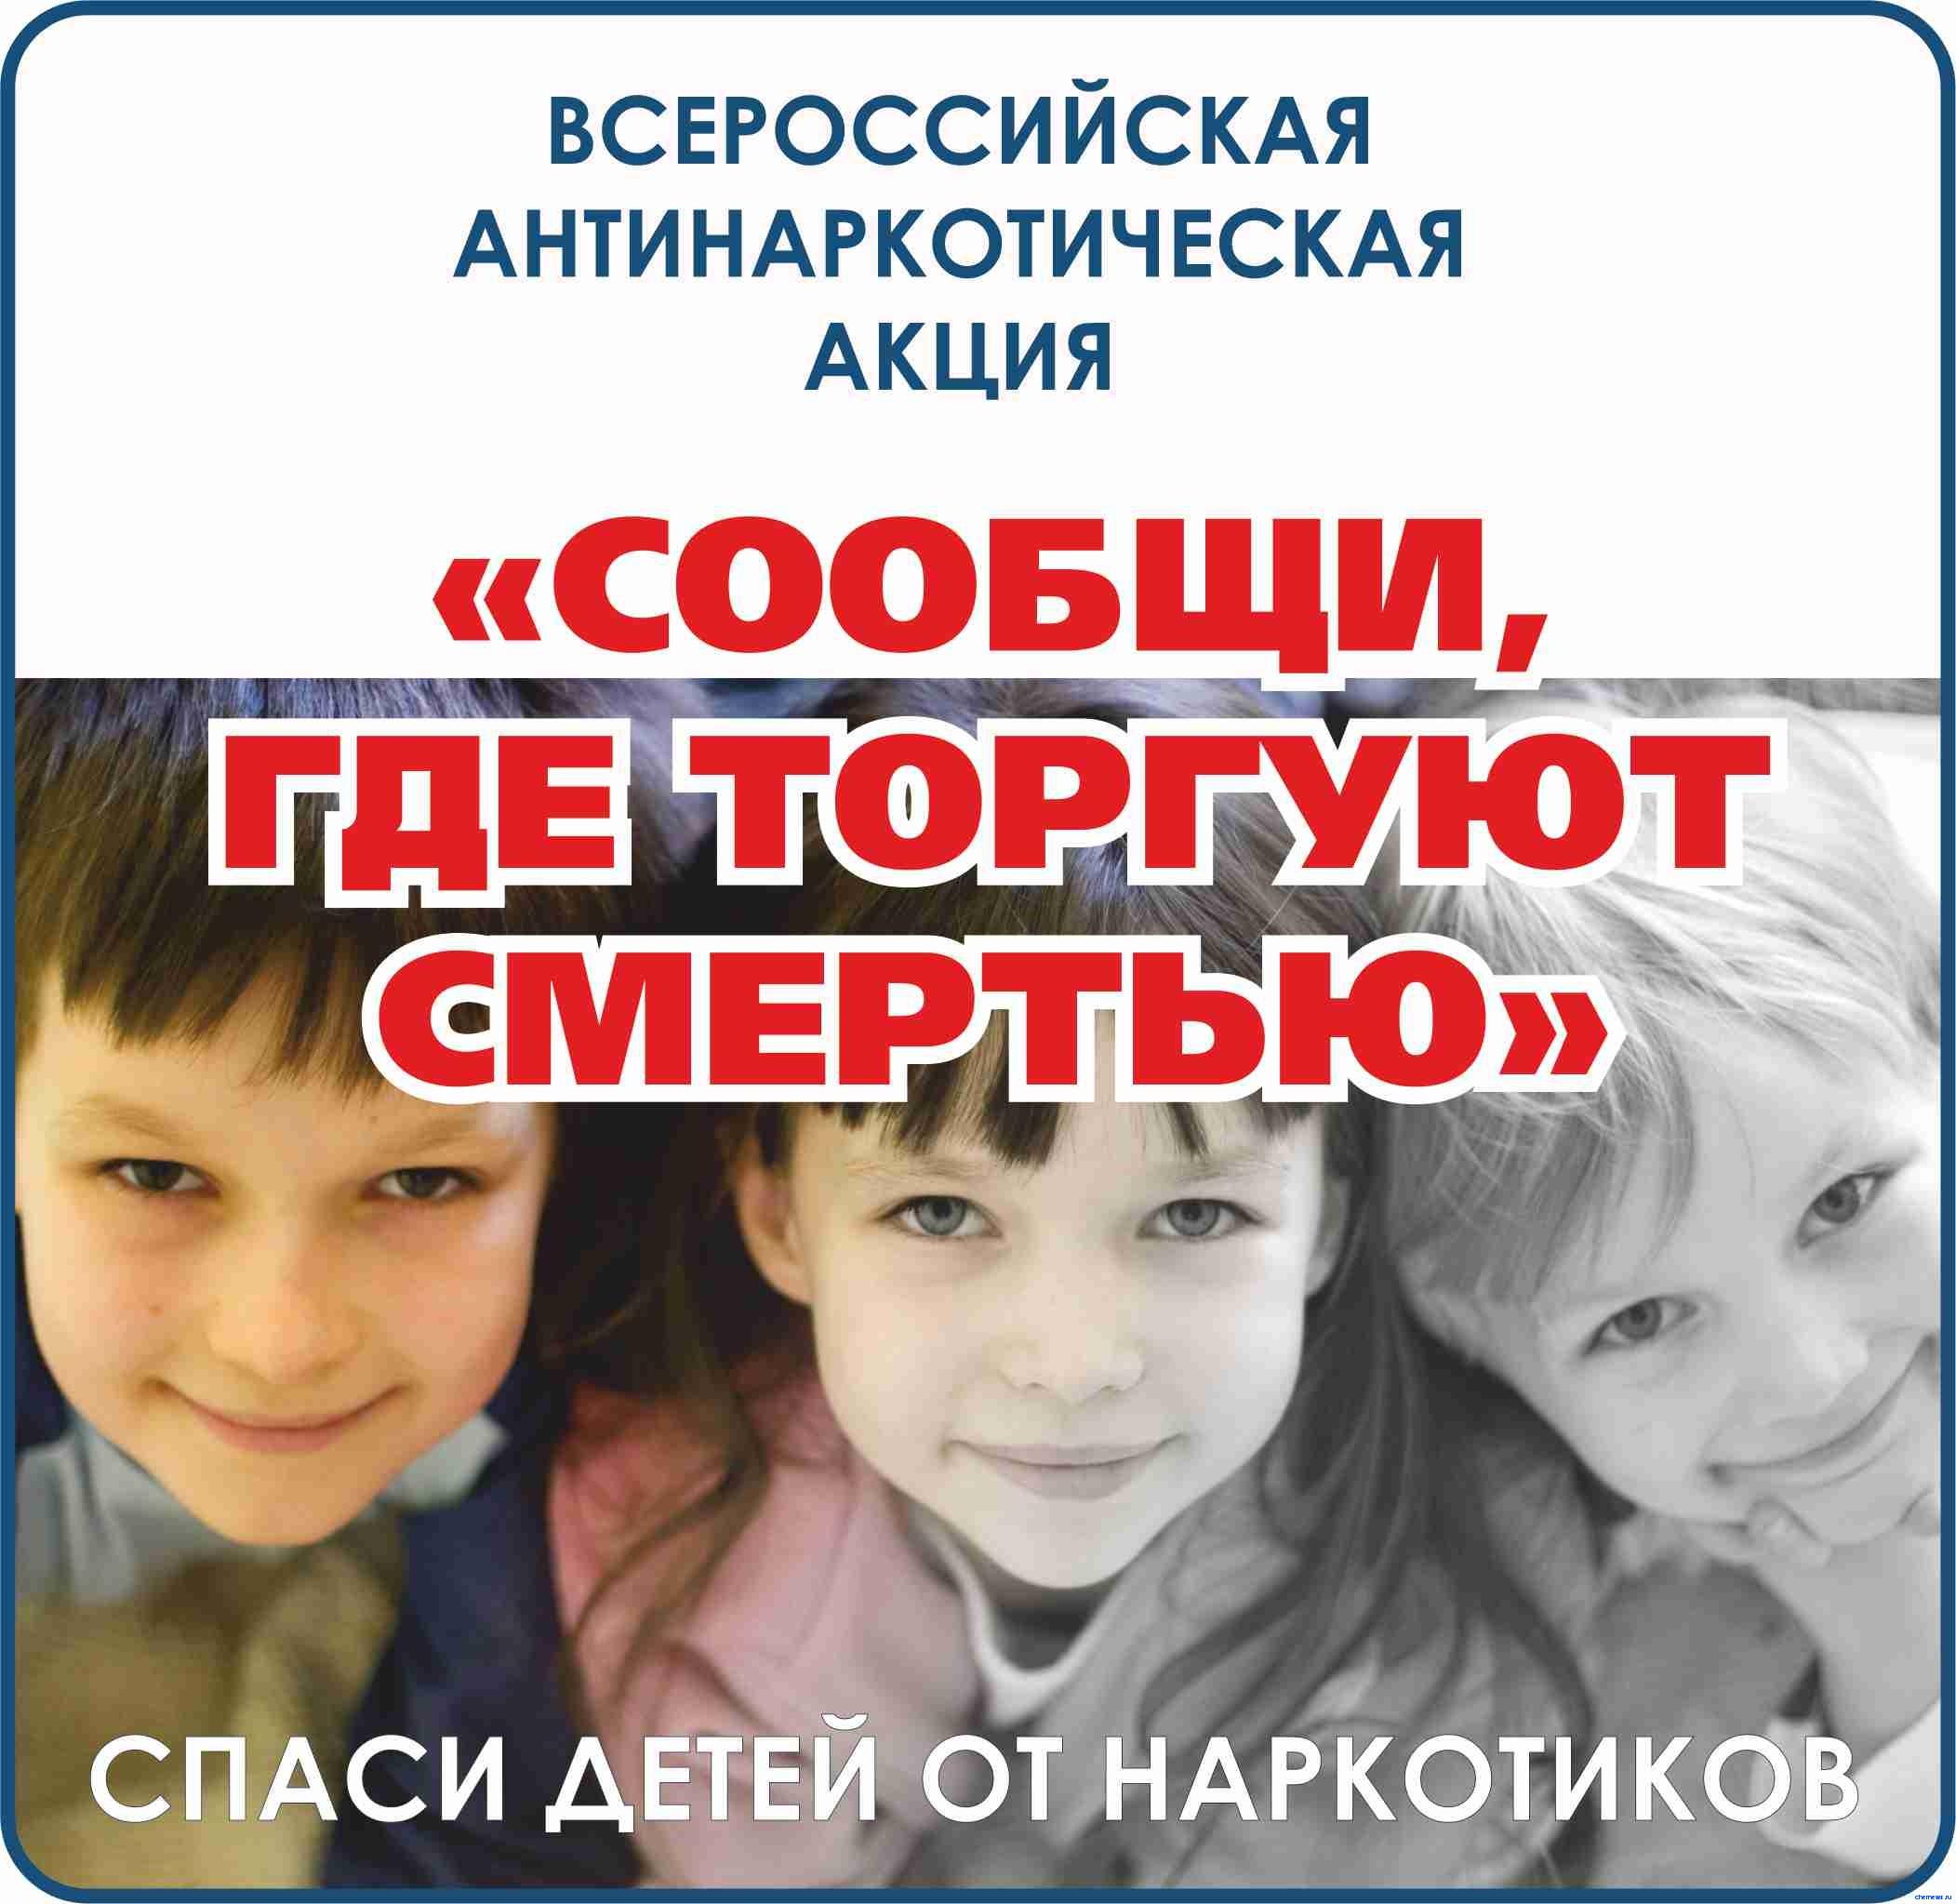 Общероссийская акция «Сообщи, где торгуют смертью...».